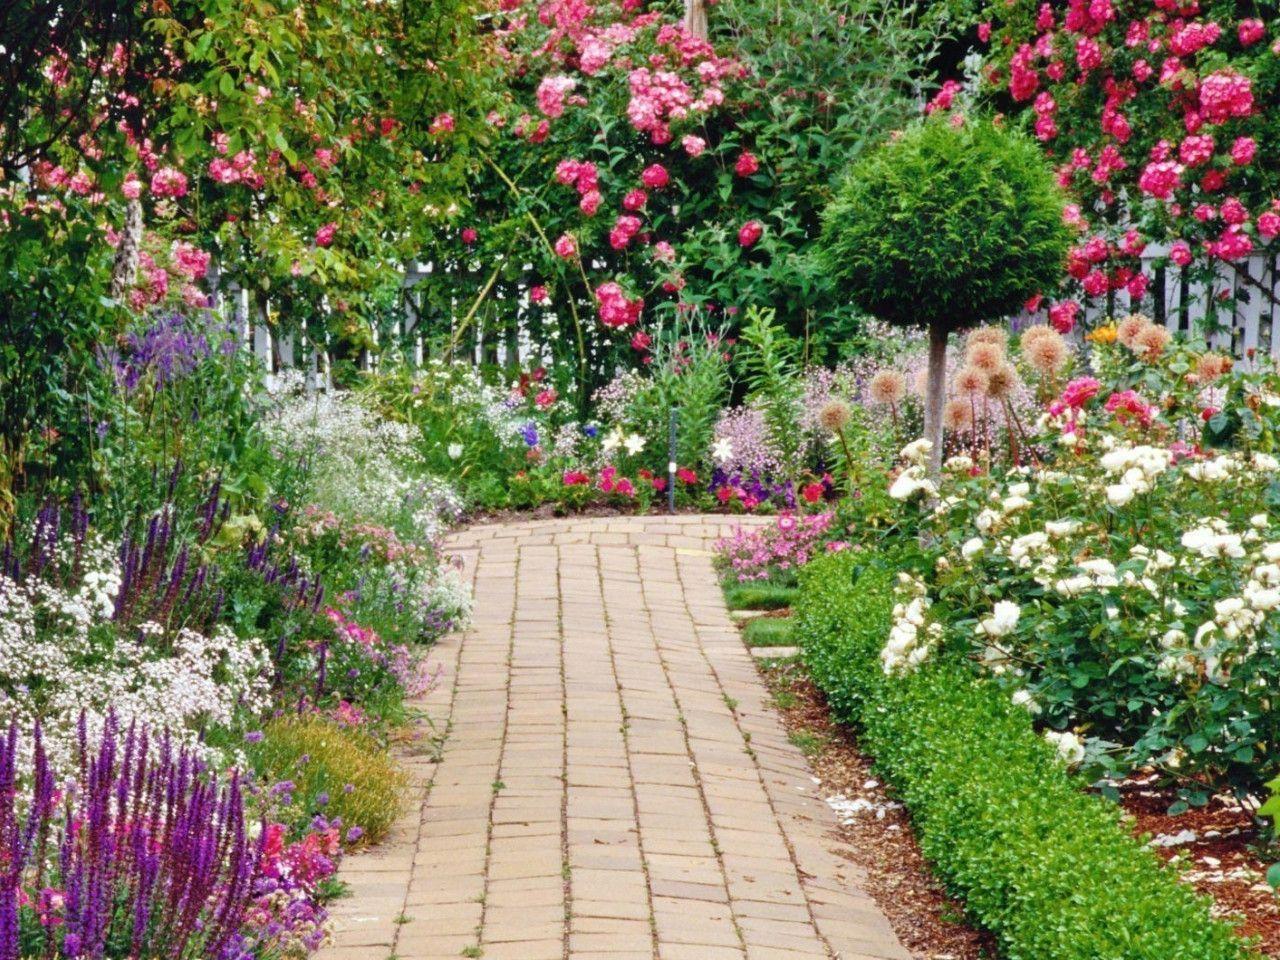 Flower Garden Wallpaper Download Wallpaper | Green HD Wallpaper